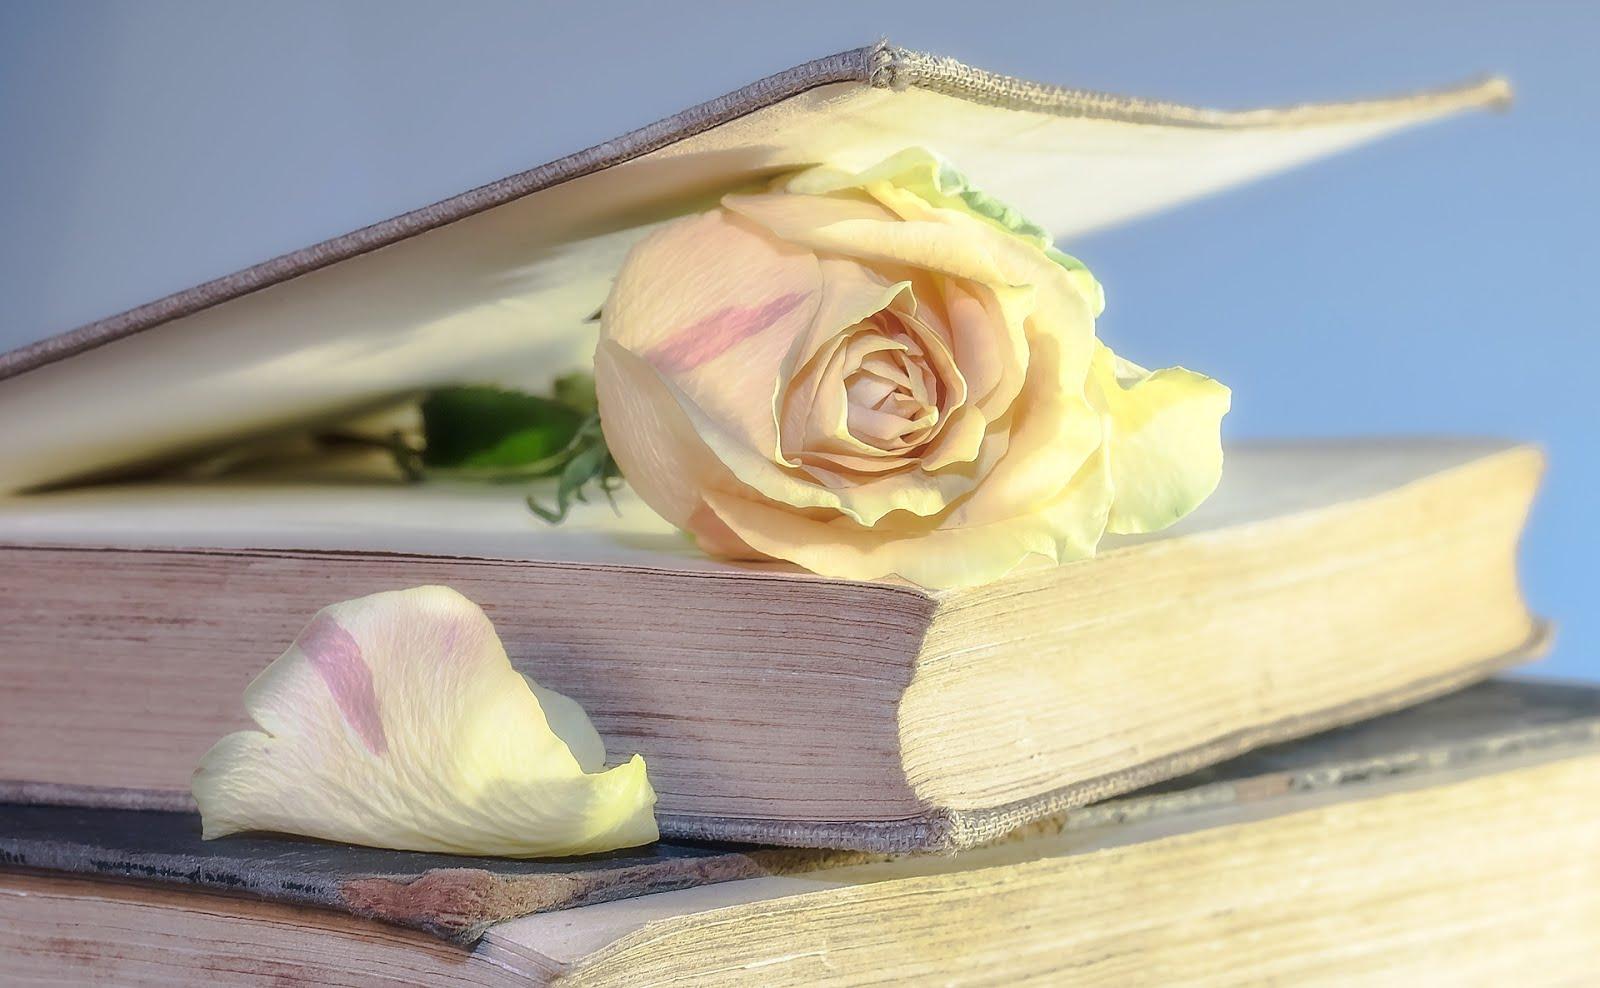 buku bahasa Inggris, download ebook bahasa Inggris, novel bahasa Inggris, bahasainggrisku, www.bahasainggrisku.com